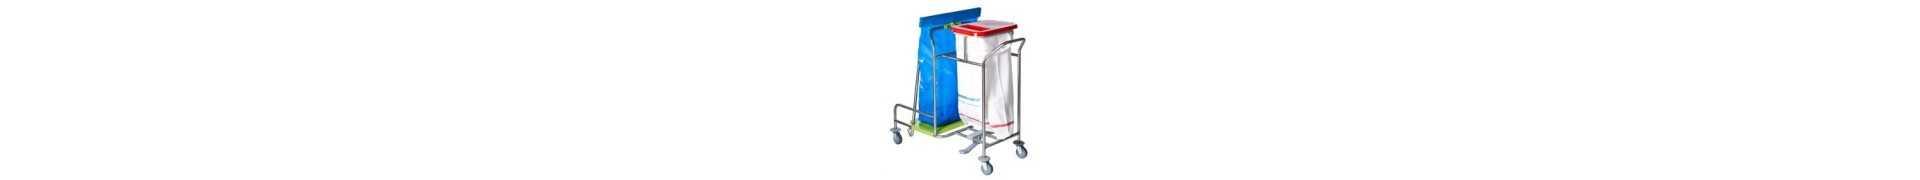 Supports sacs poubelle/linge